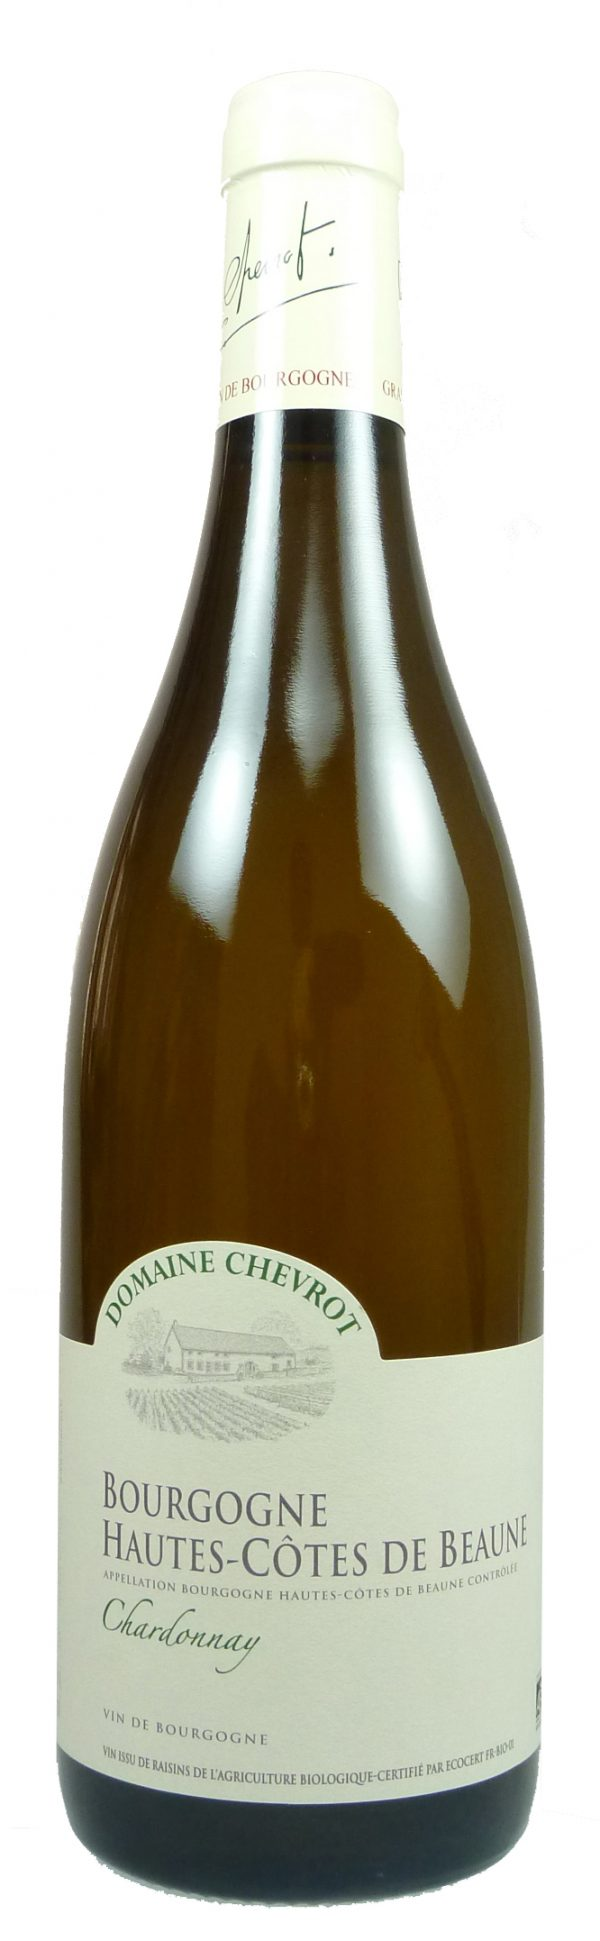 Bourgogne Hautes Côtes de Beaune blanc   2016